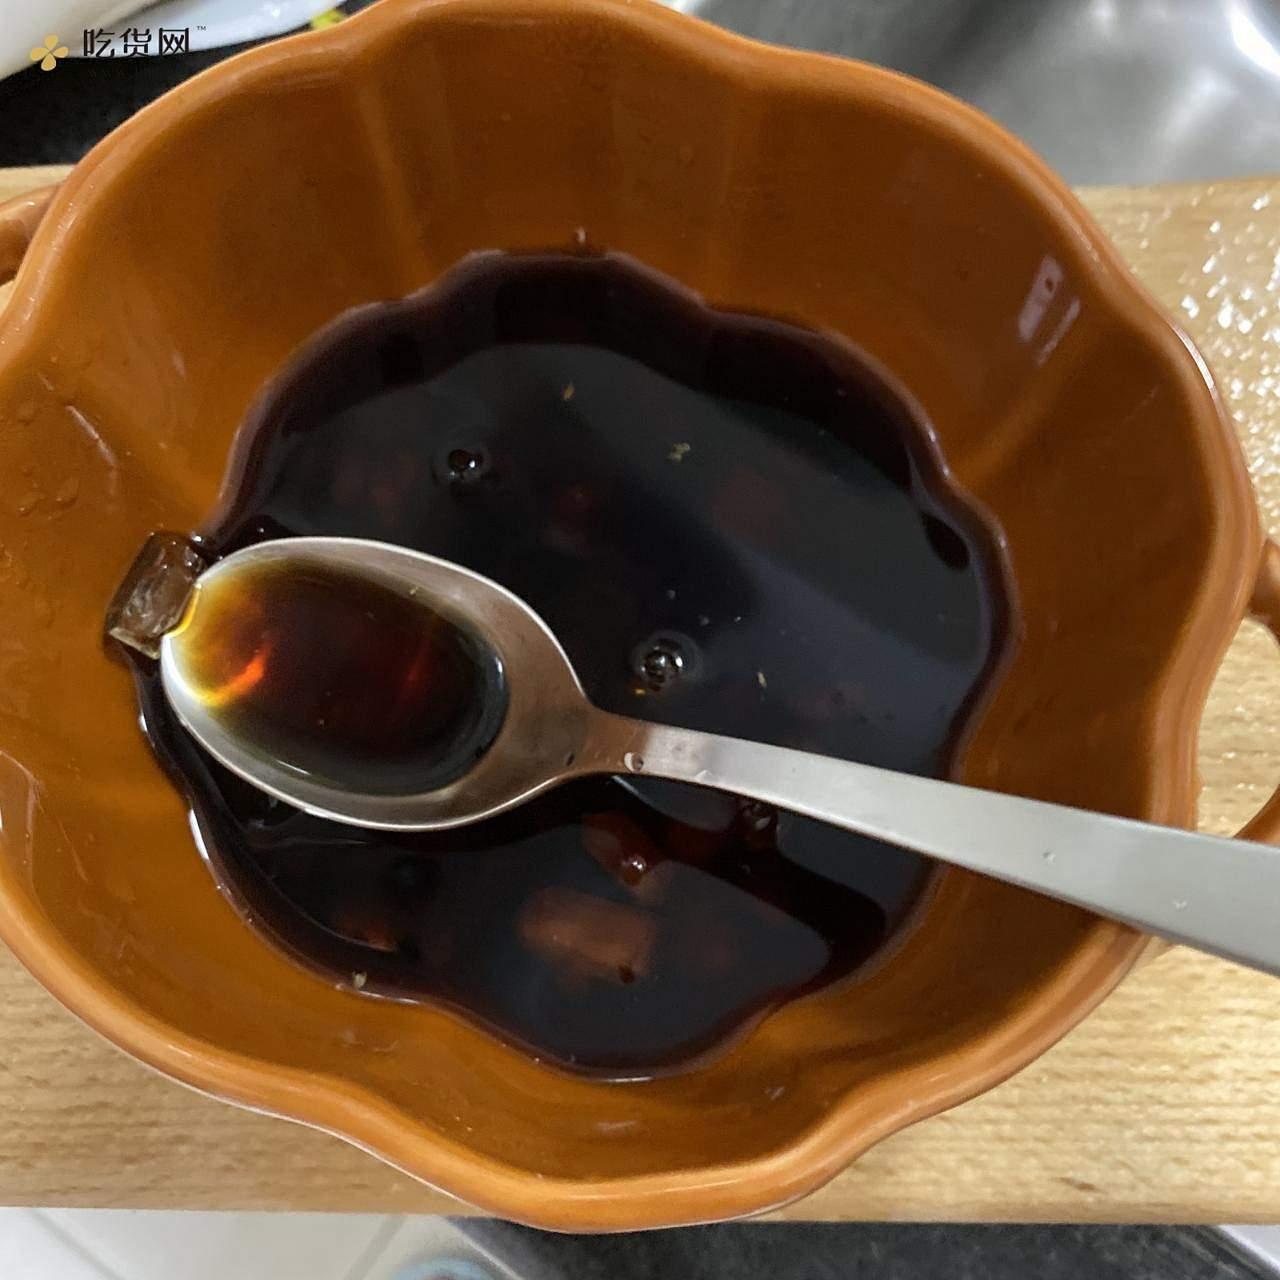 懒人糖醋排骨的做法 步骤3